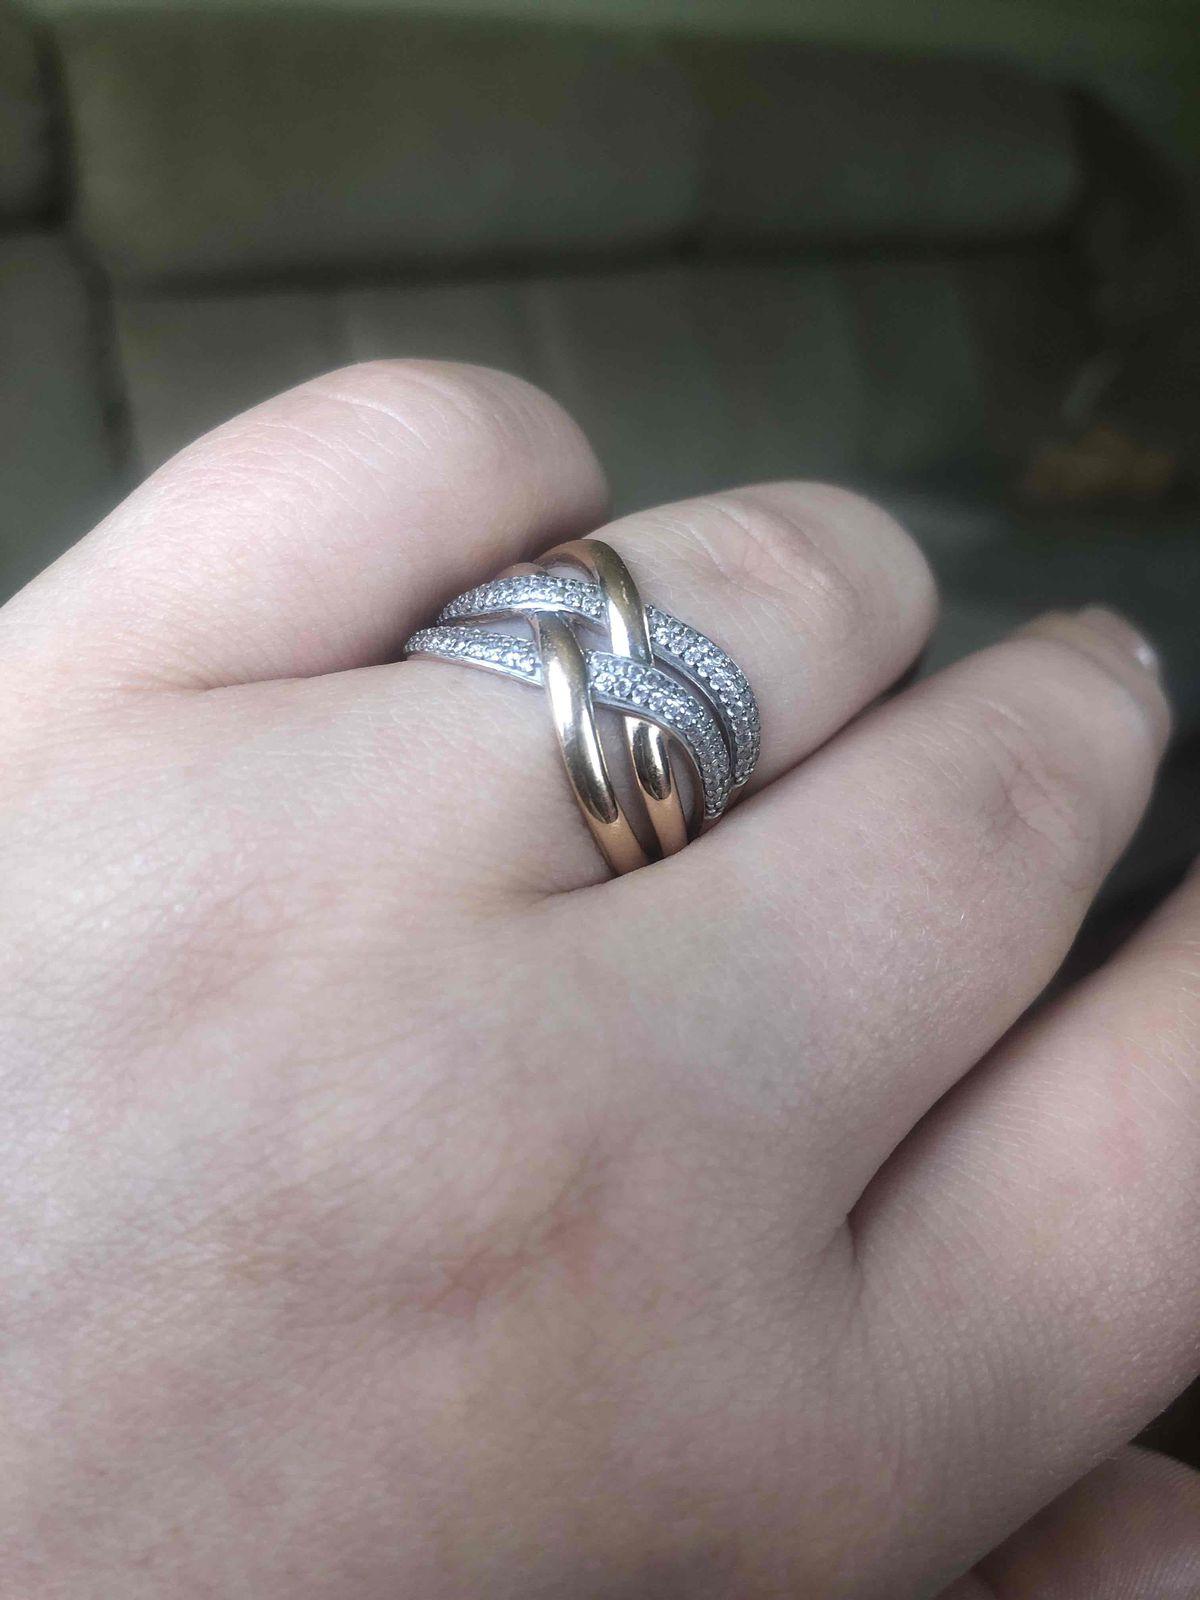 Кольцо просто чудесное!😍😍😍